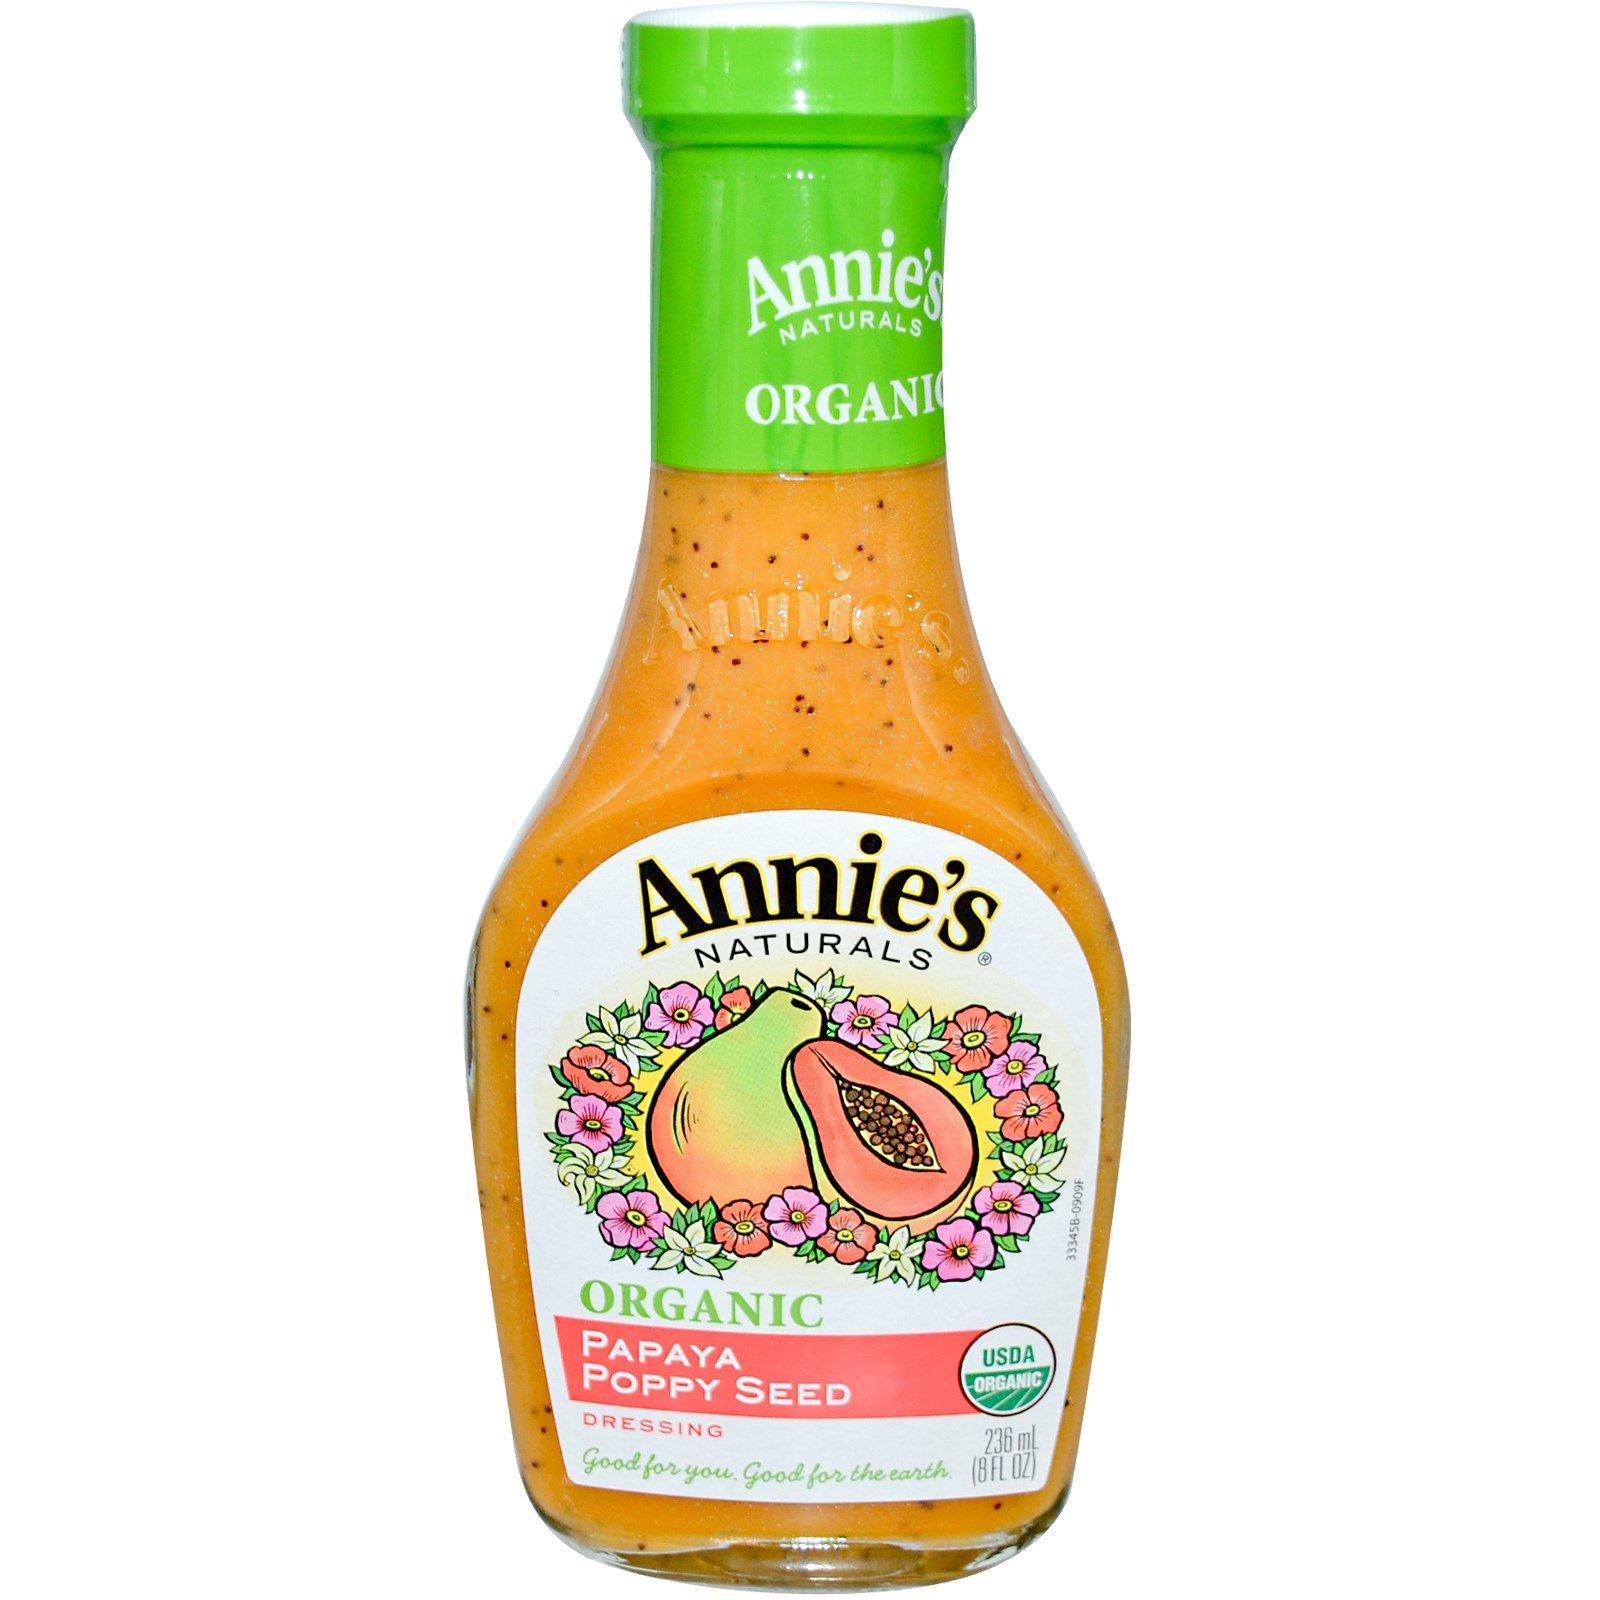 Annie's Naturals, Органическая заправка из папайи и макового семени, 8 жидк. унц. (236 мл)